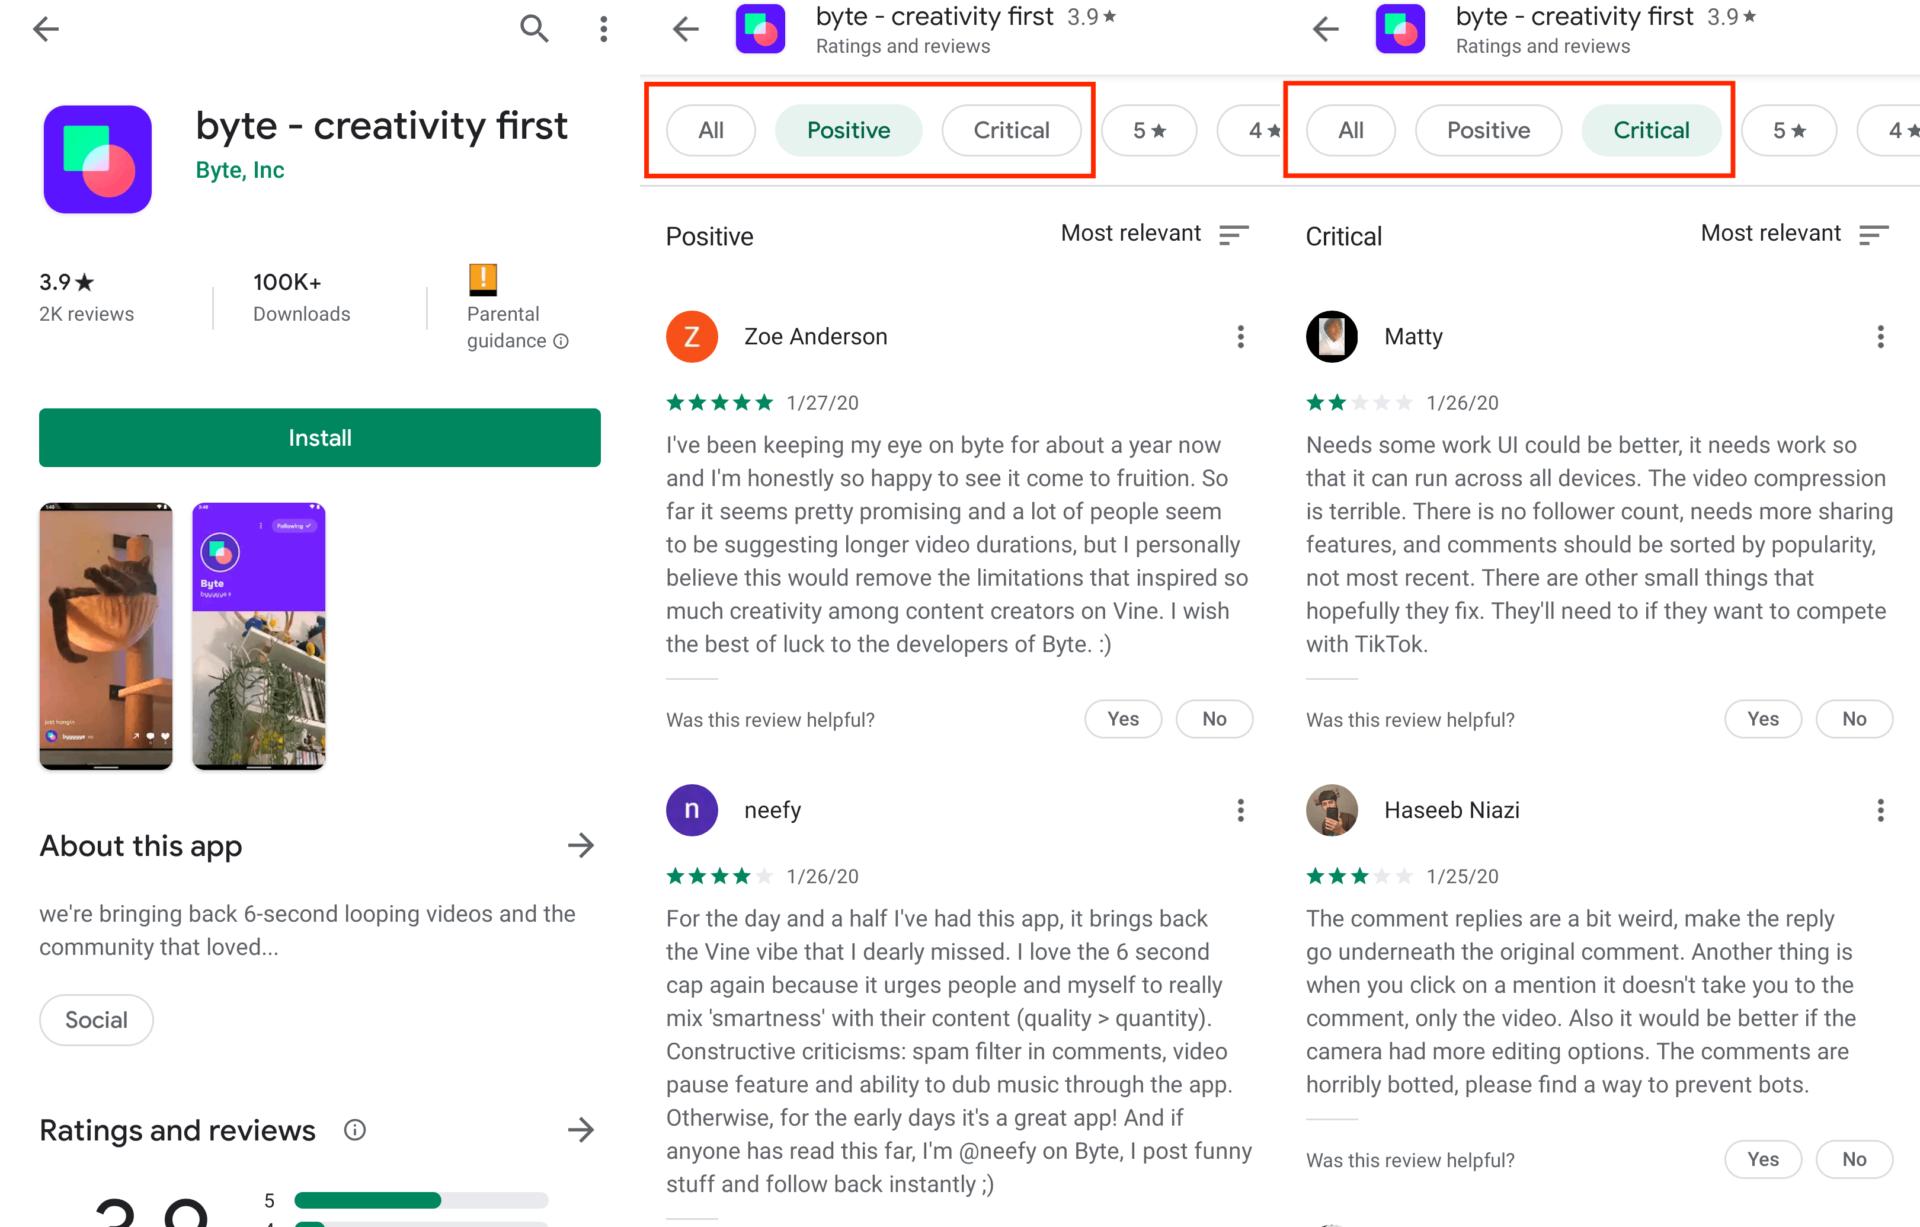 Filtere App Bewertungen Positic Kritisch Google Play